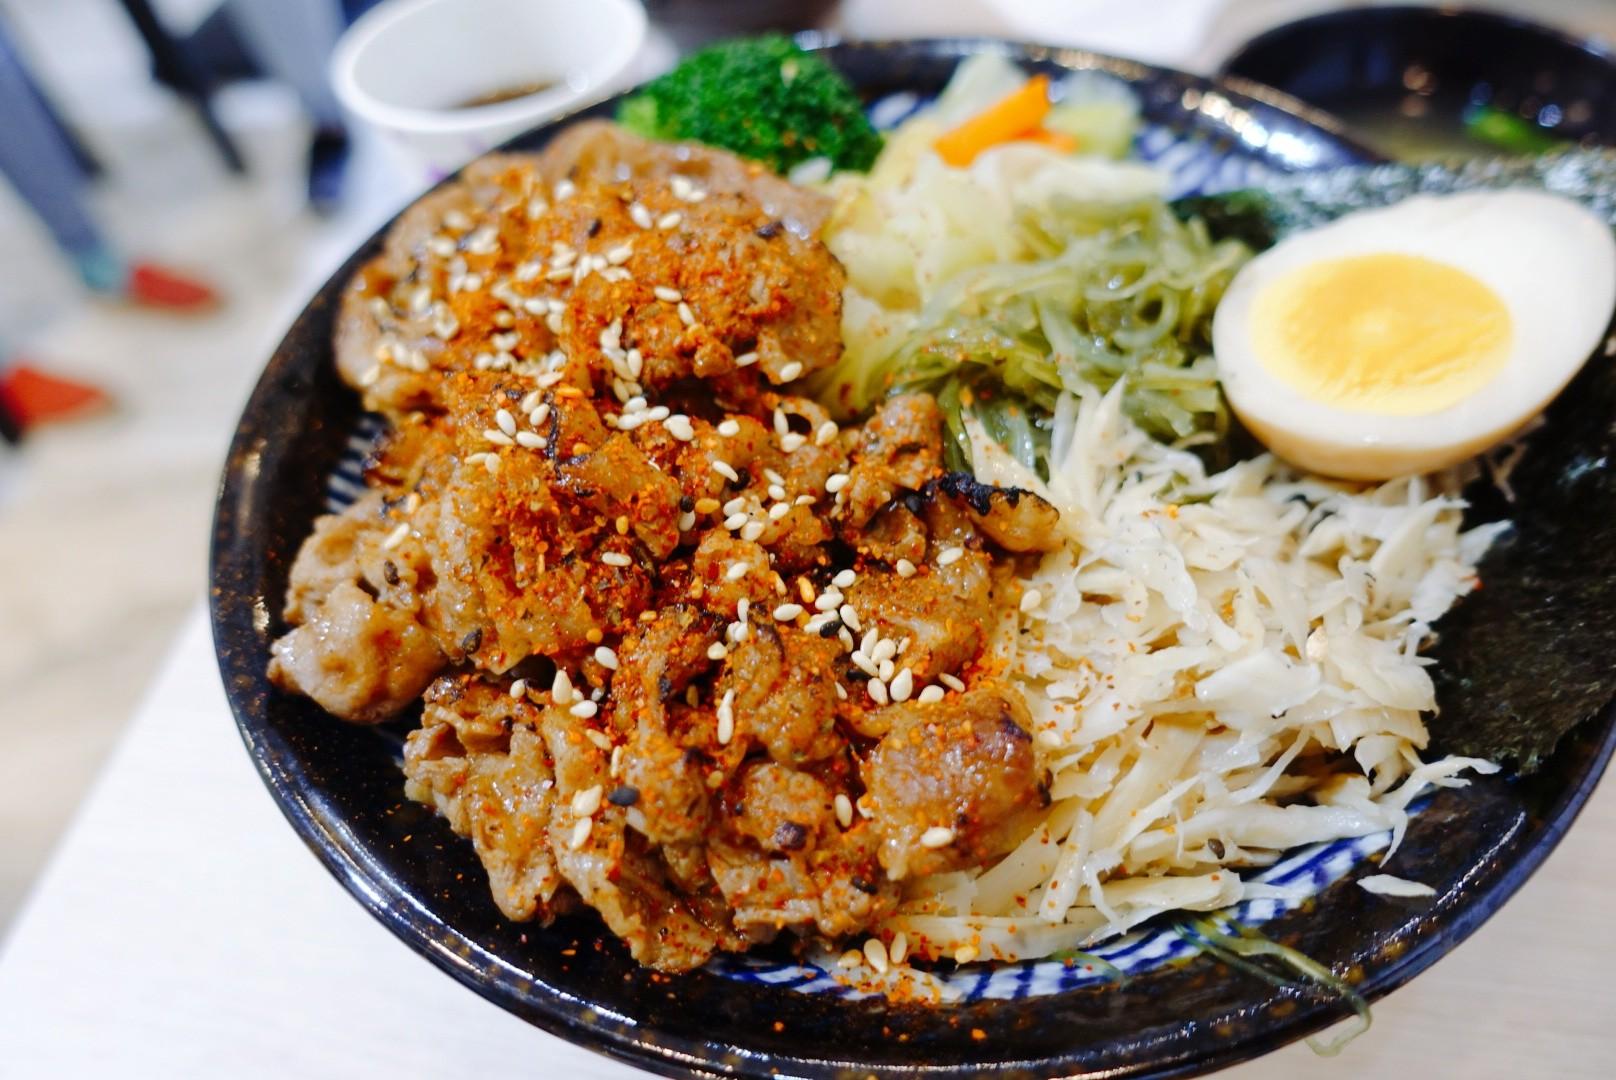 【花蓮玉里】職人雙饗丼玉里店|上班族最愛的平價丼飯,價格實惠分量滿滿又好吃